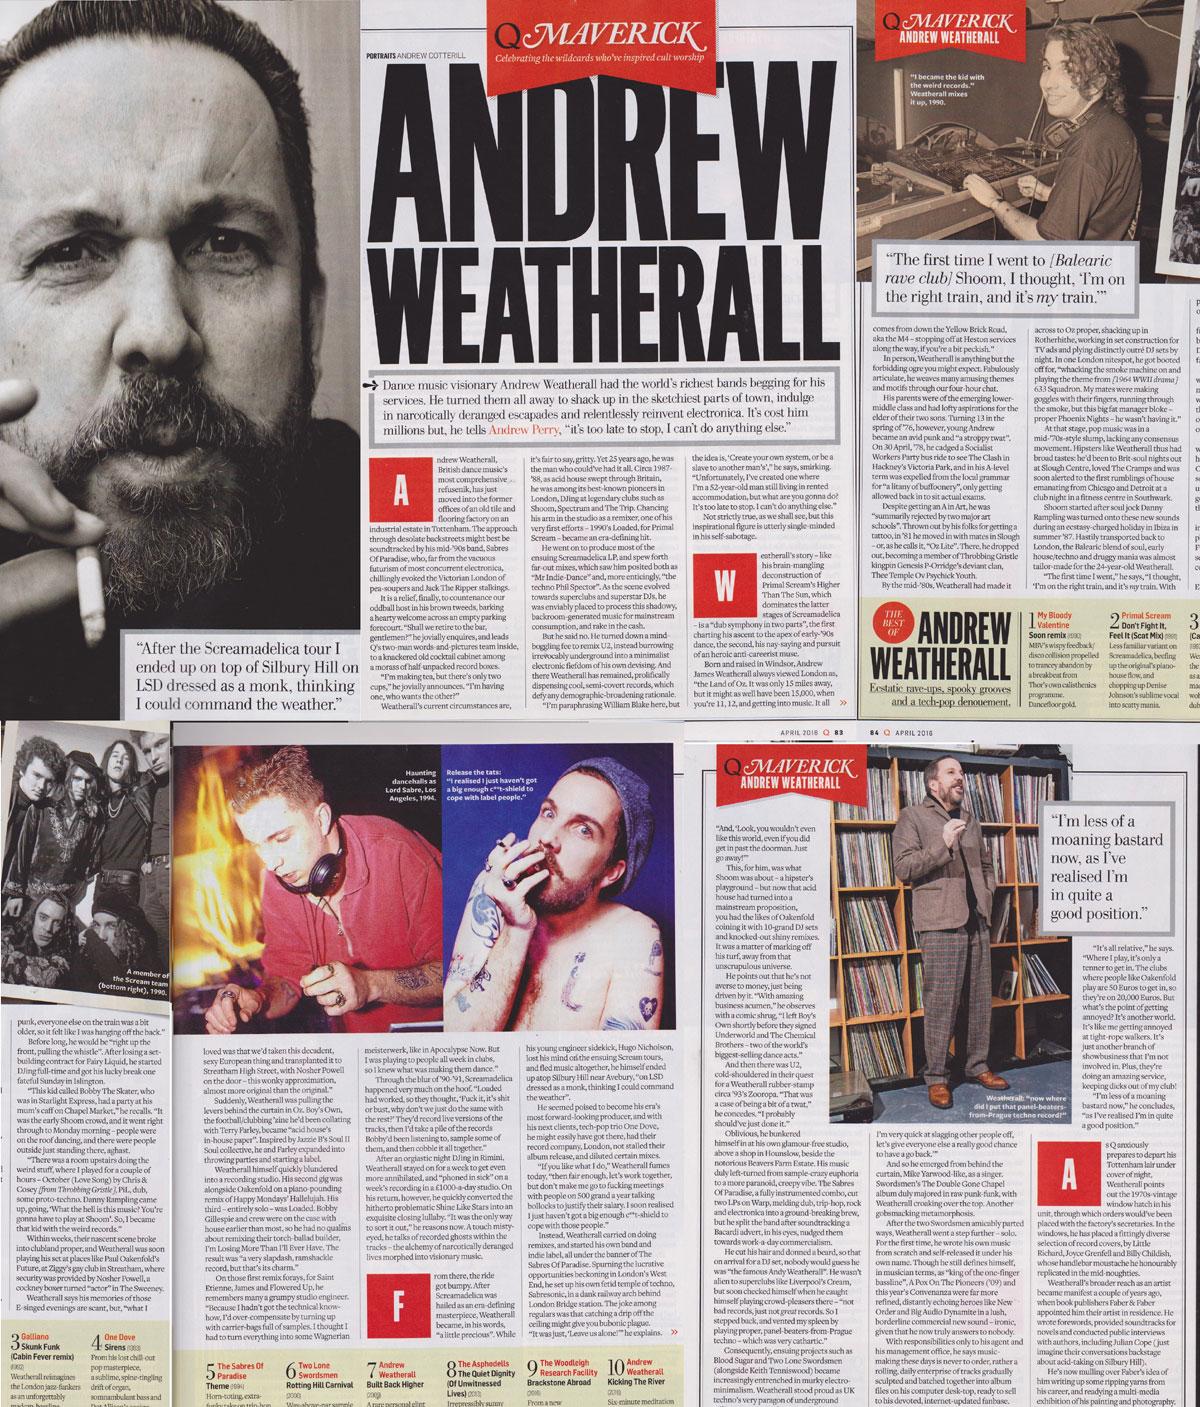 Andrew-Weatherall - Q